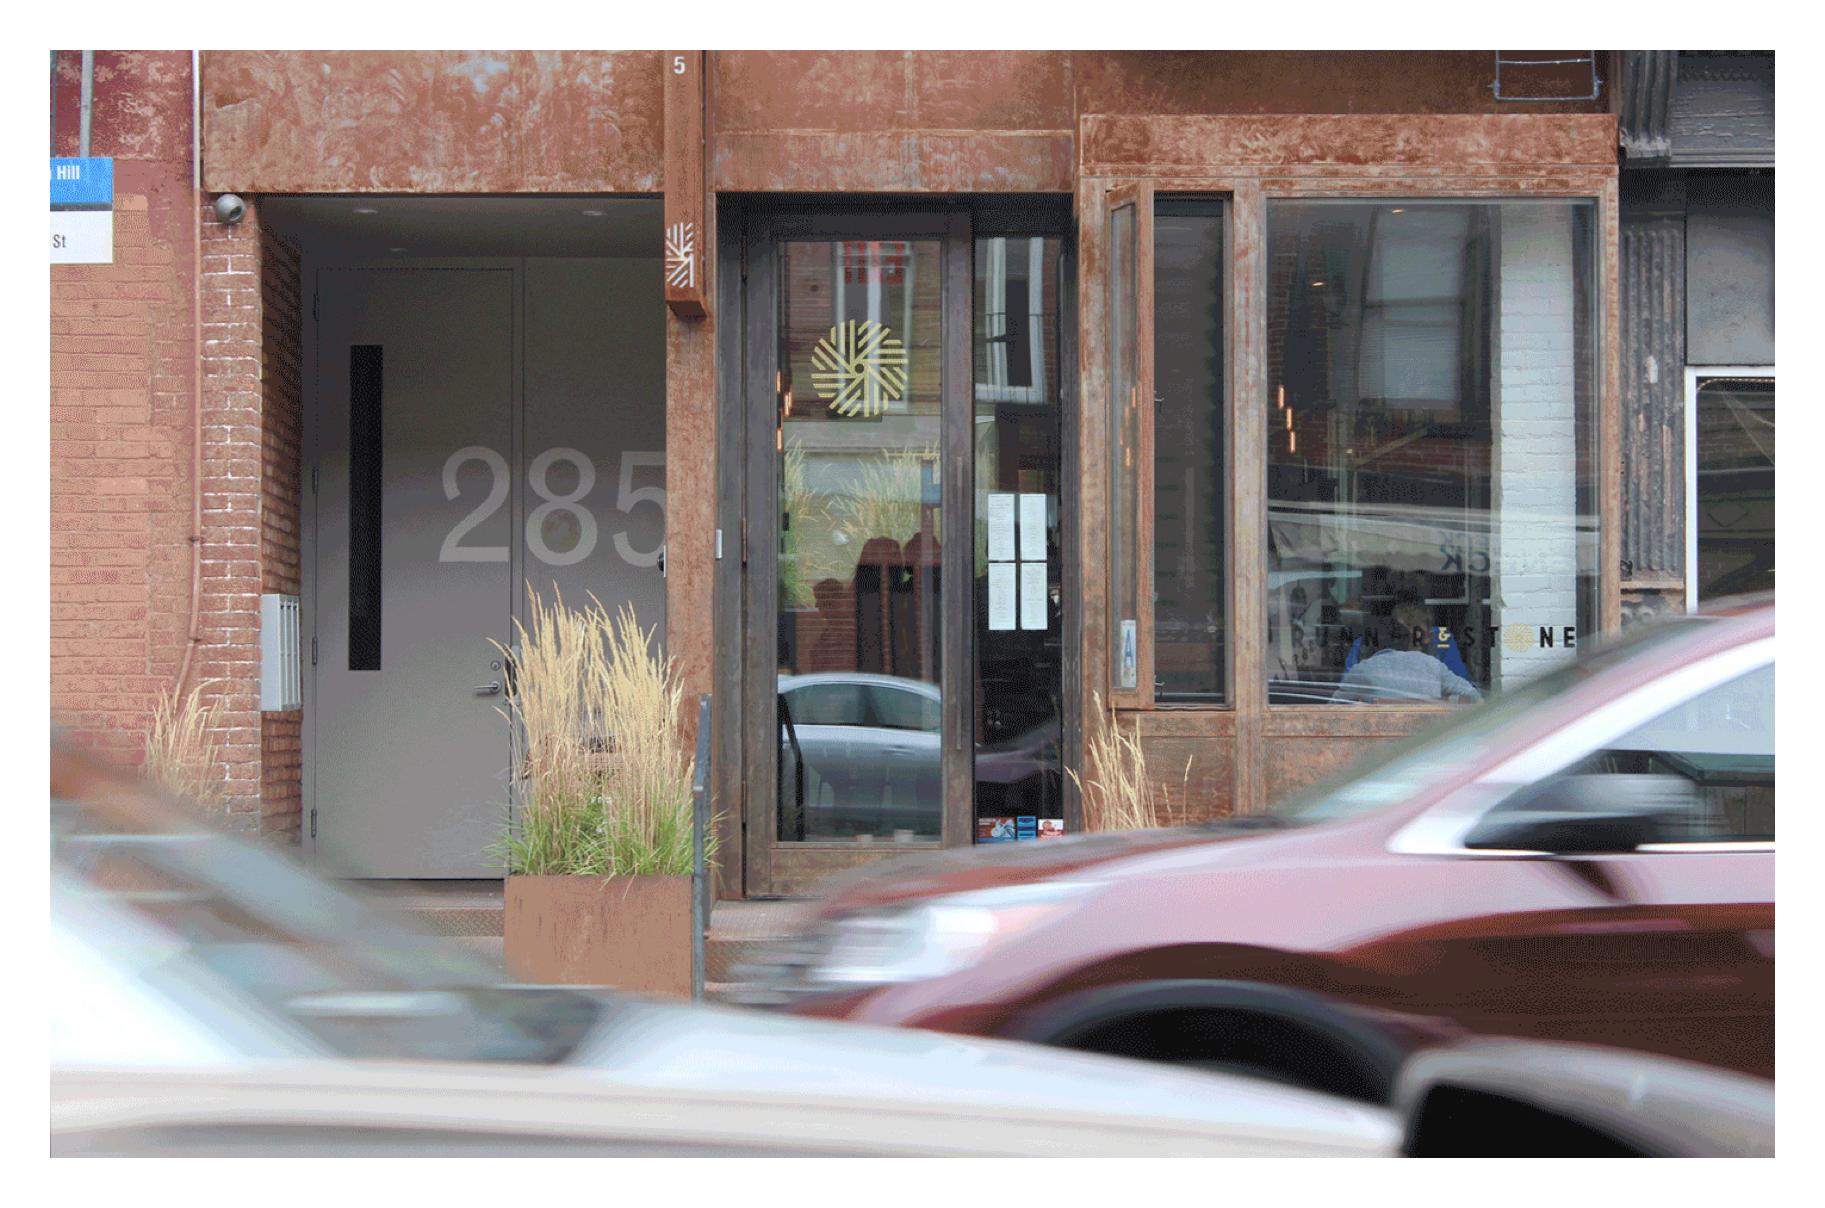 Runner & Stone storefront with branding on door and window.